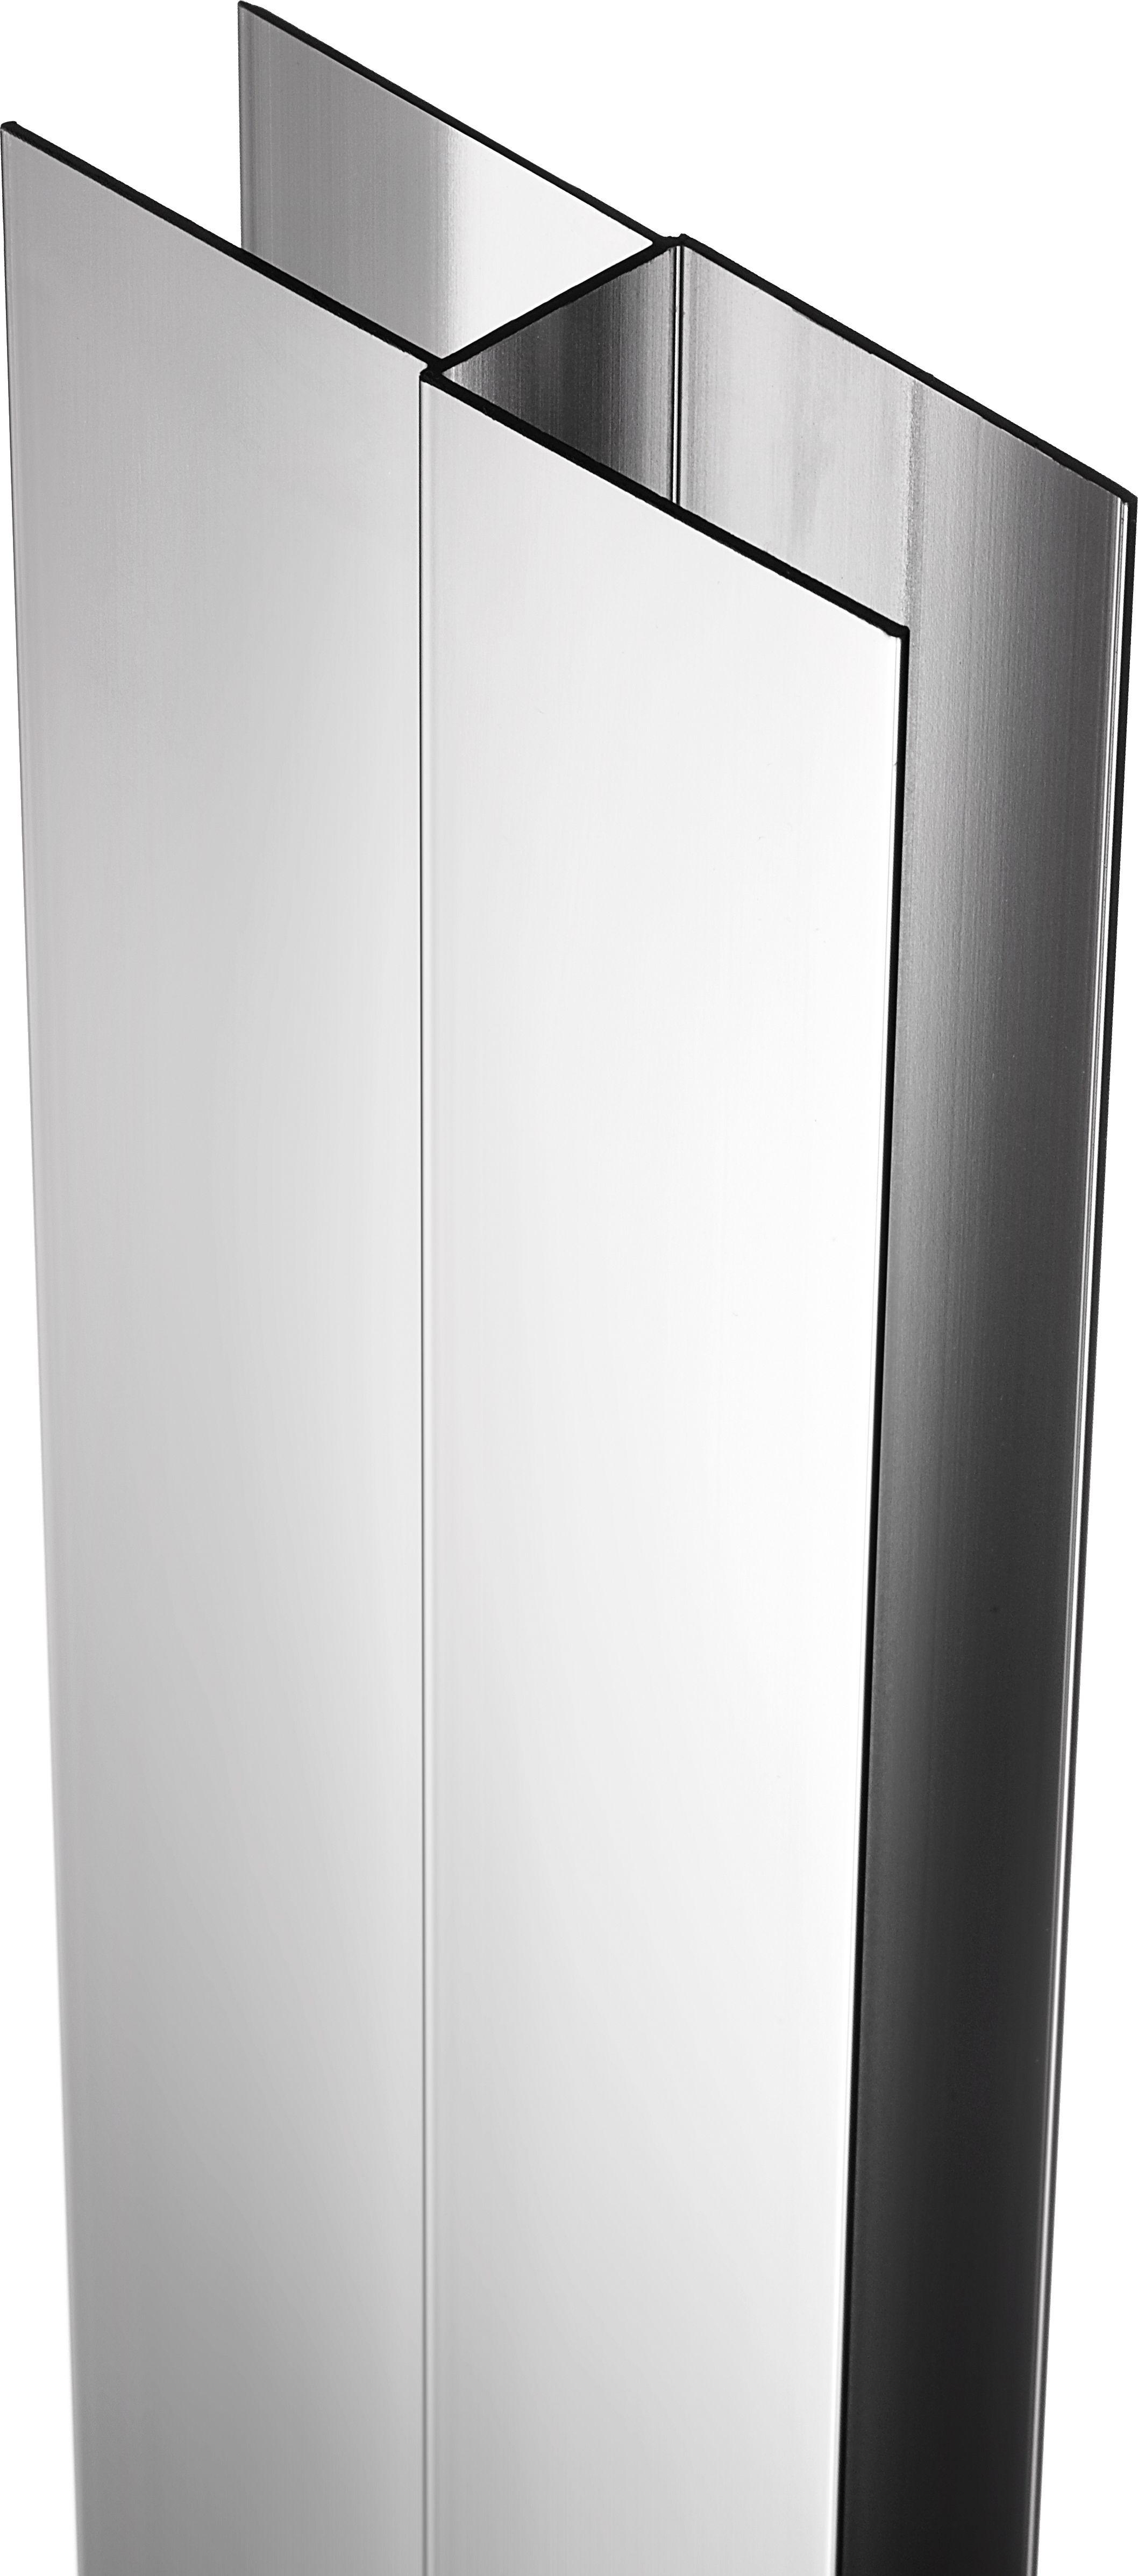 Deante Deante Profil poszerzający z elementem montażowym wys. 200 cm XKC00PC02